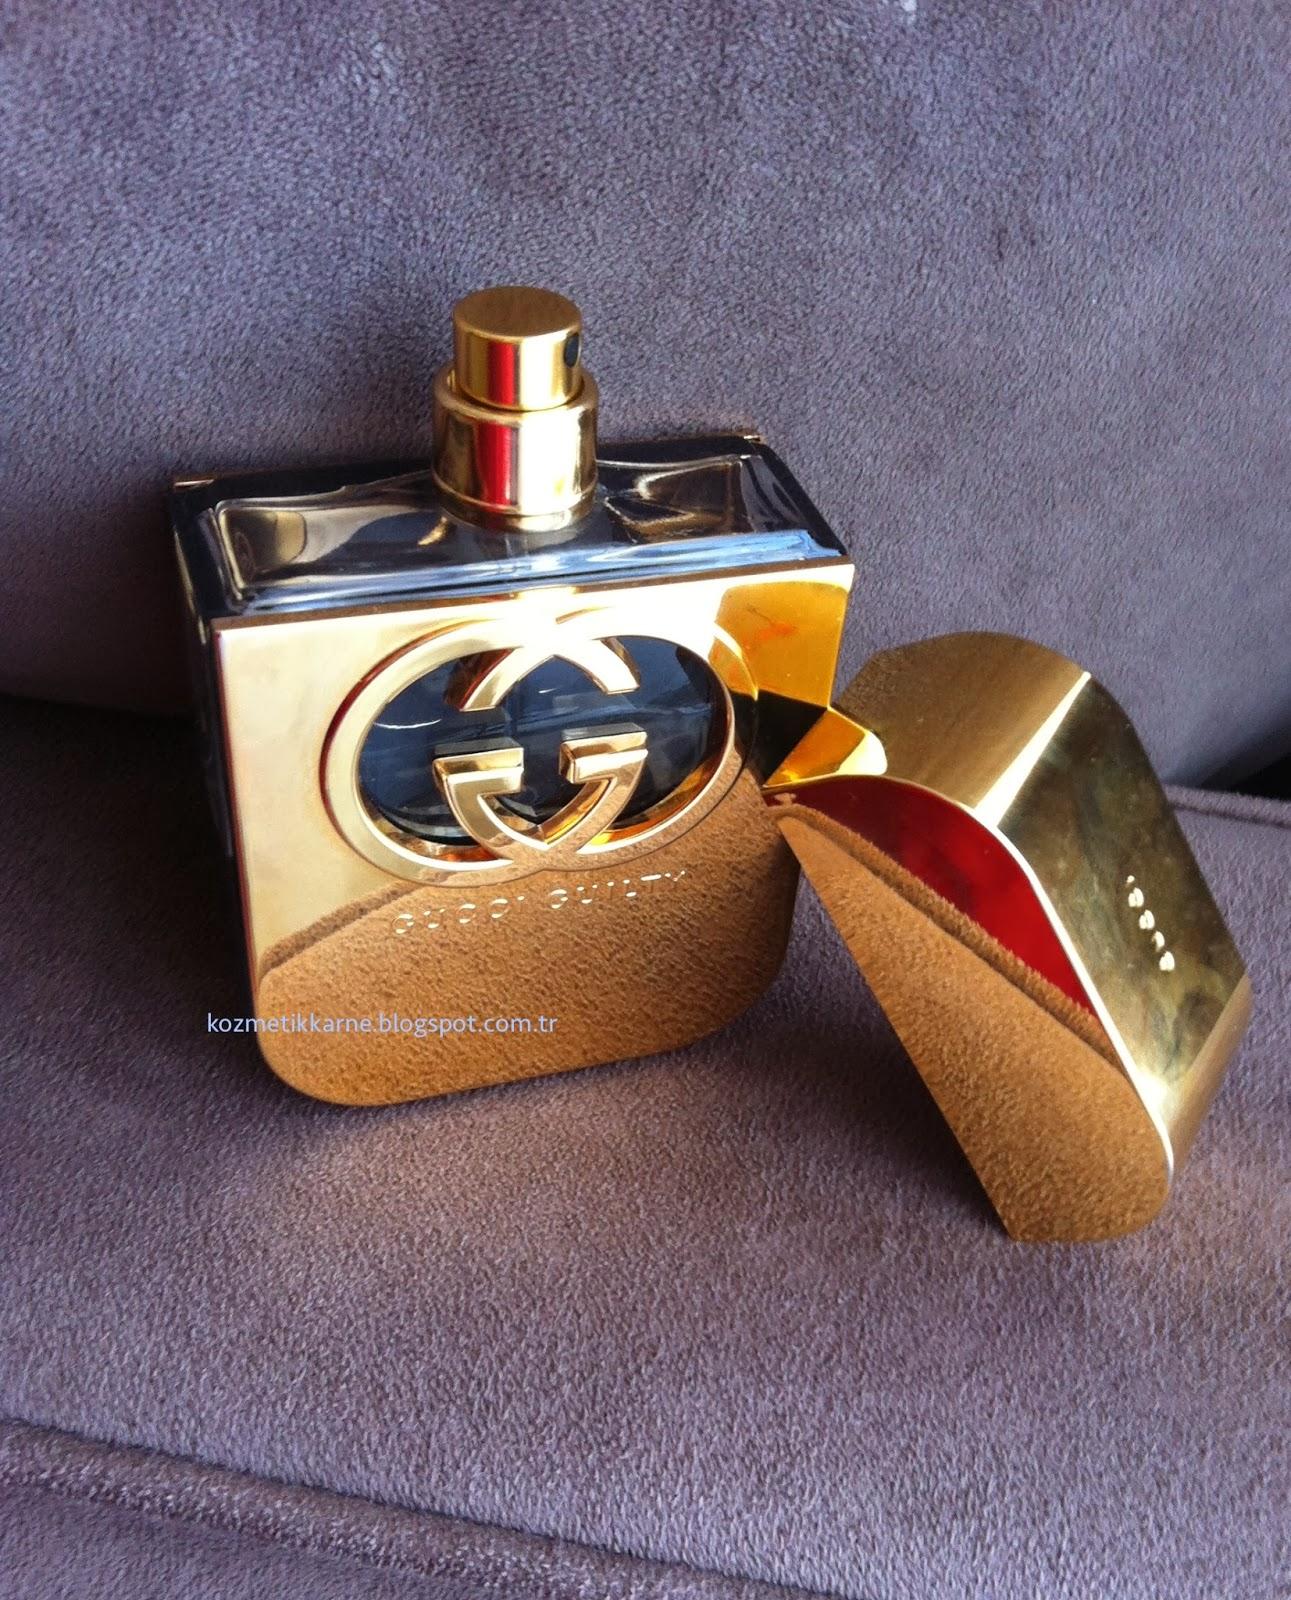 Kozmetikkarne Parfüm çantamda Neler Var